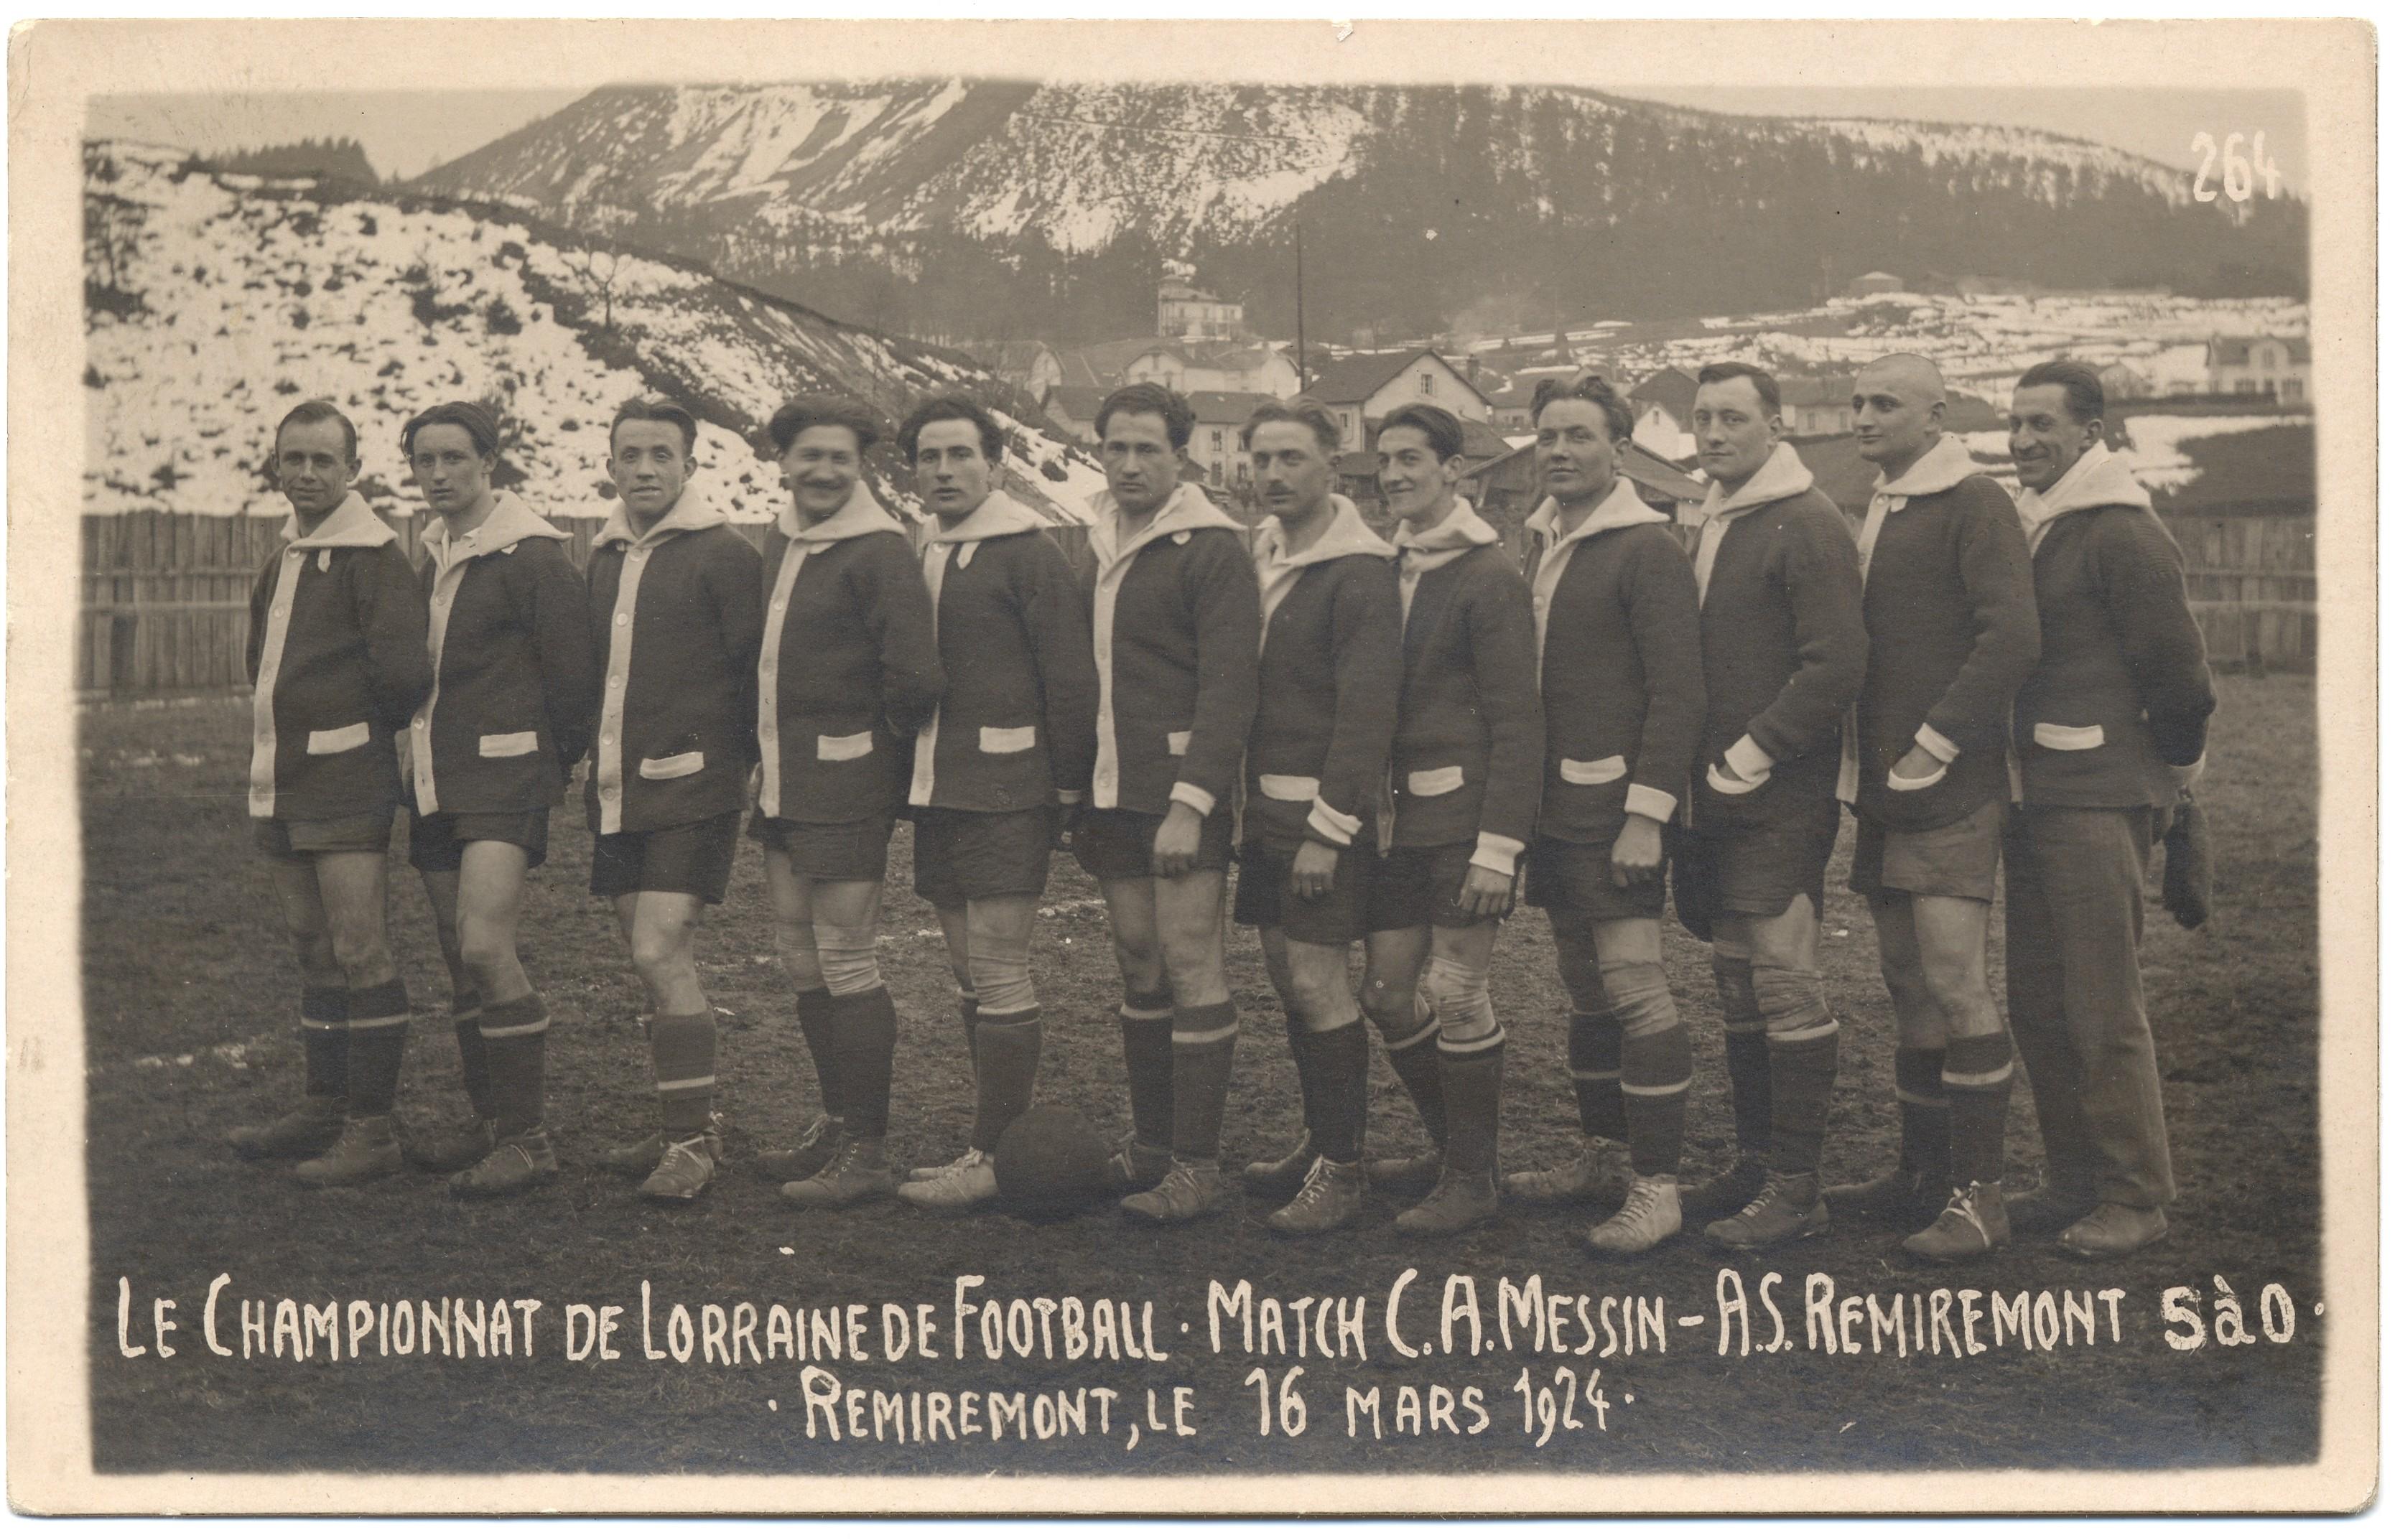 Contenu du Le championnat de Lorraine de Football. Match C.A. Messin - AS Remiremont 5 à 0. Remiremont le 16 mars 1924